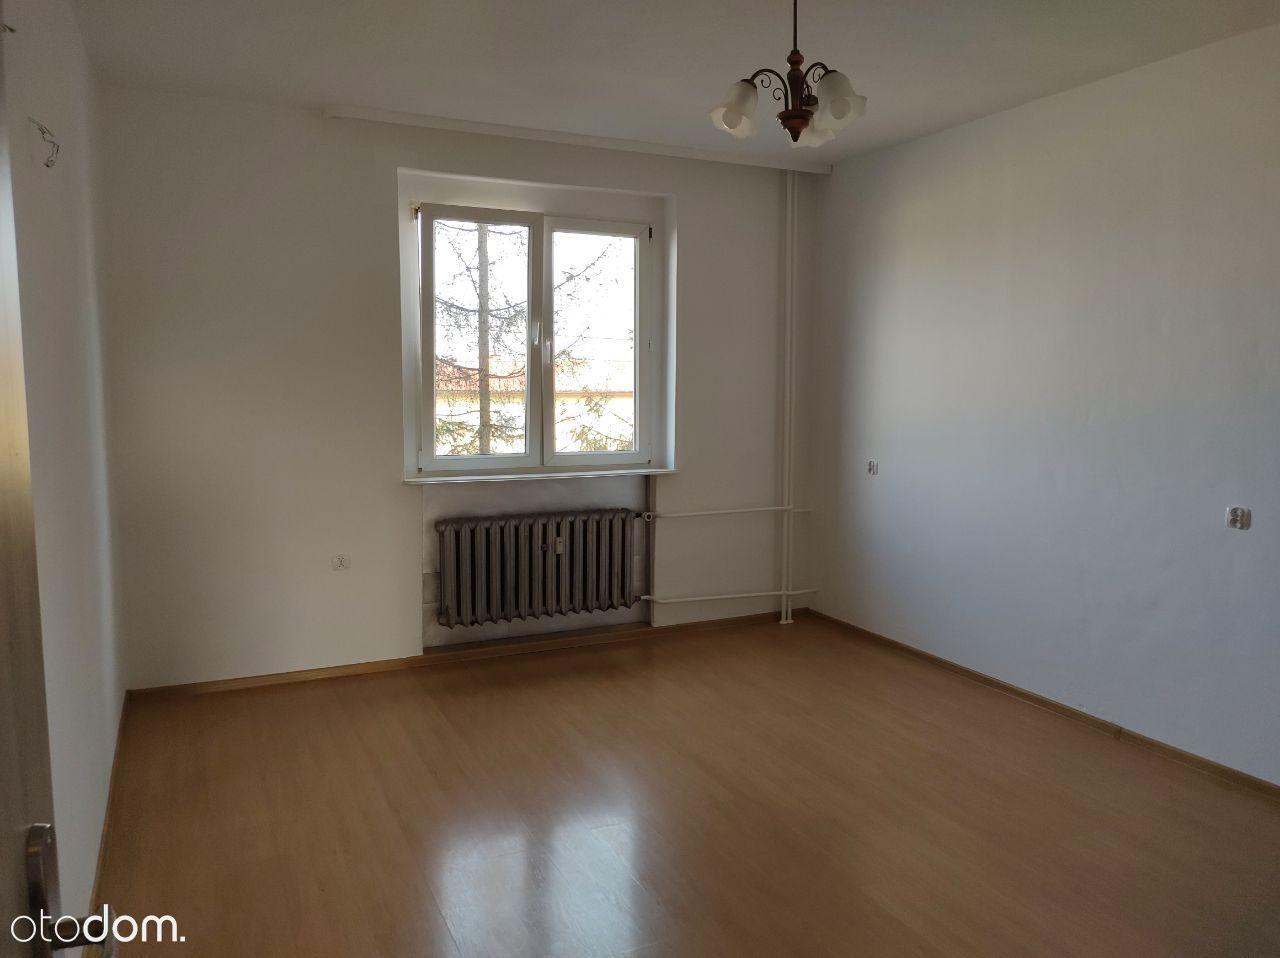 3 pokoje po remoncie + garaż Mikołów niski blok